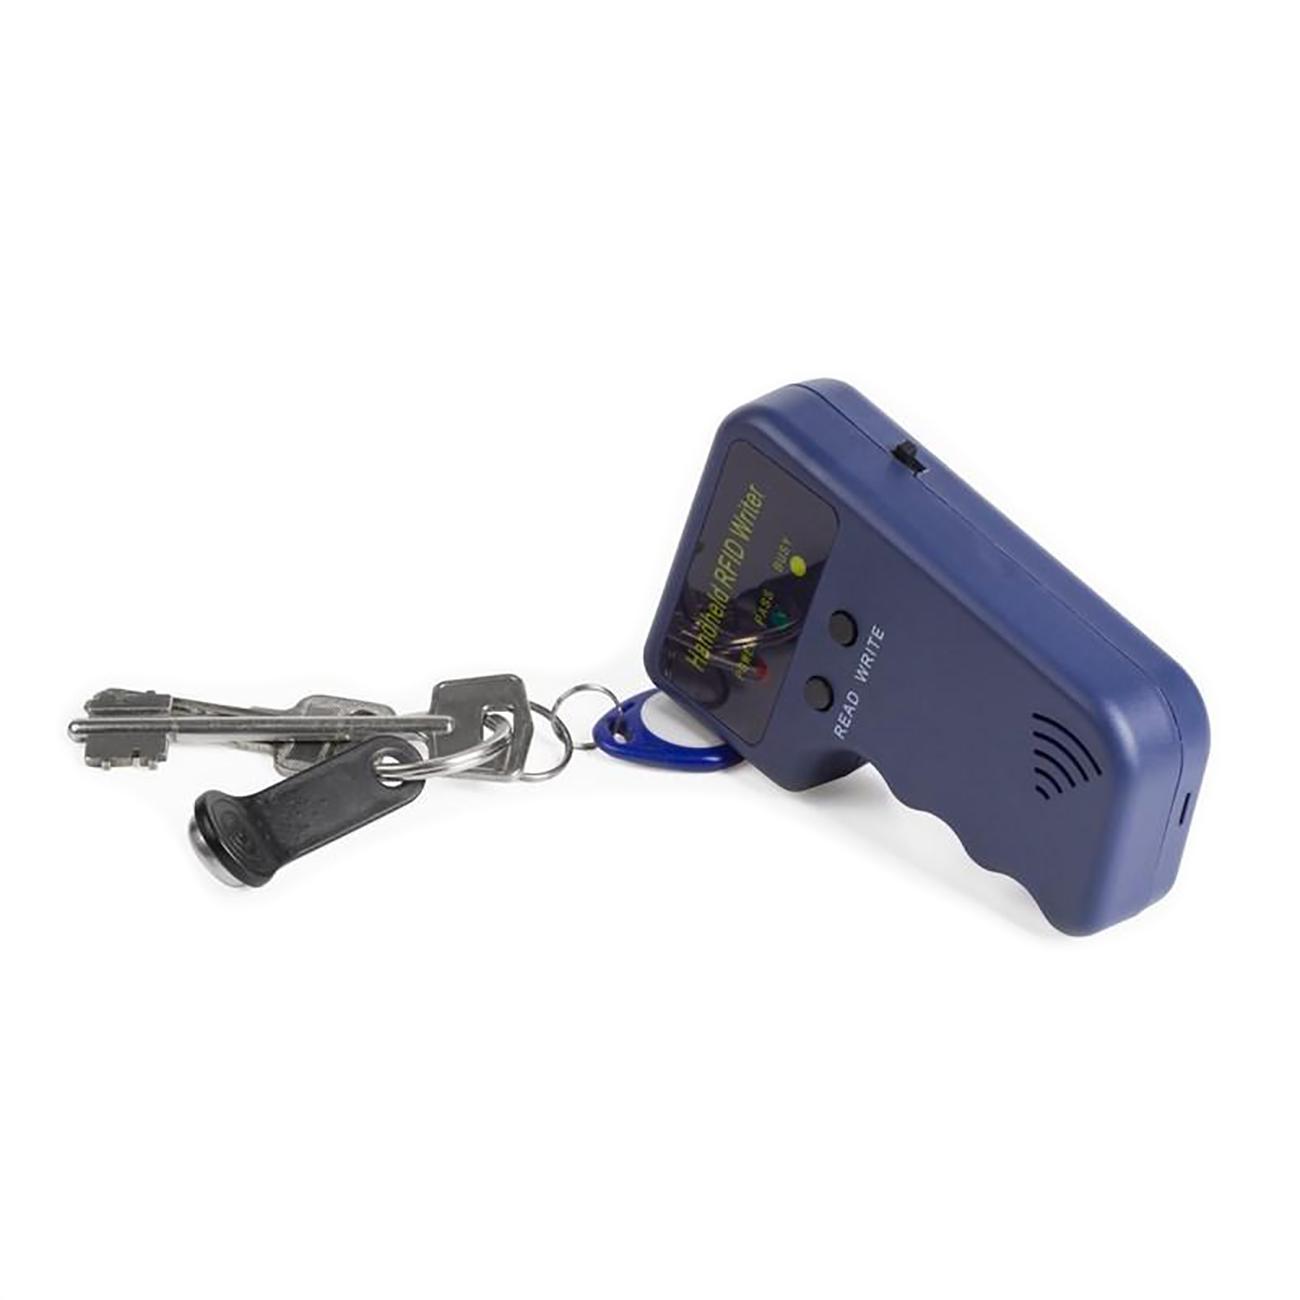 Фото Дубликатор электронных ключей, 125 КГц, формат EM Marin {46-0253} (4)